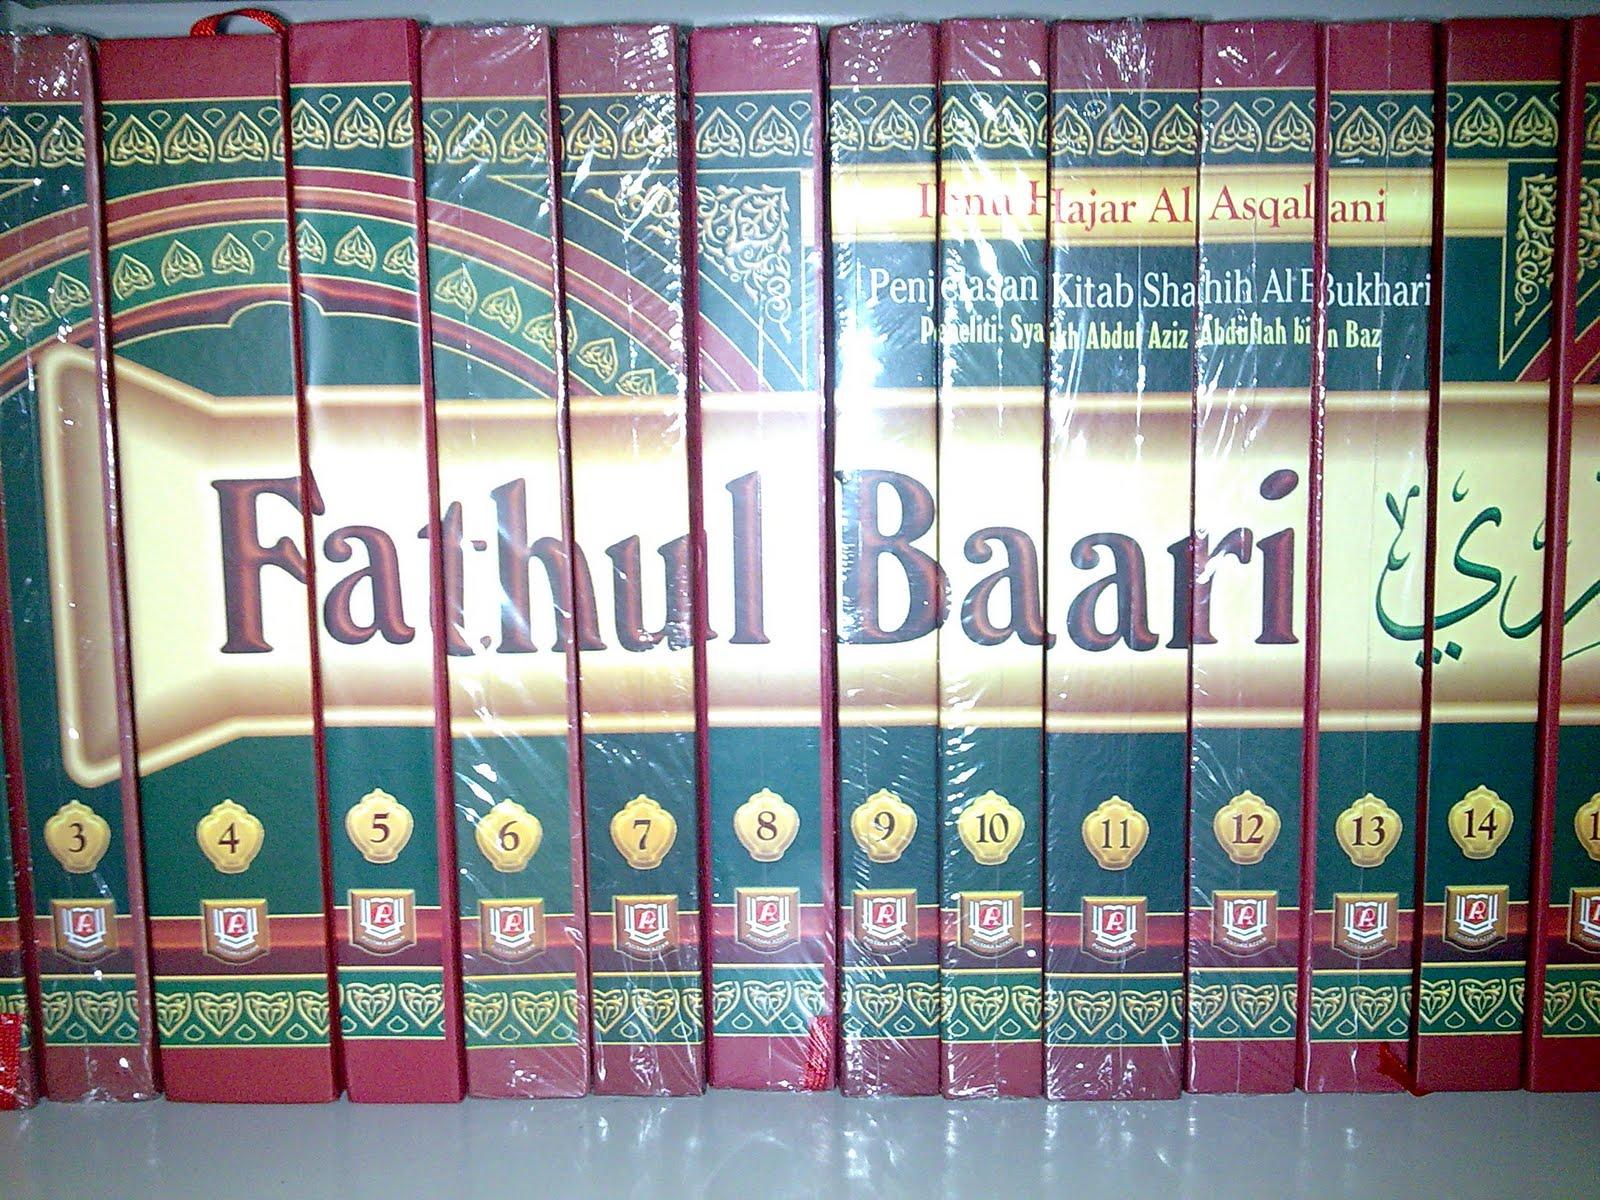 kitab-fathul-baari